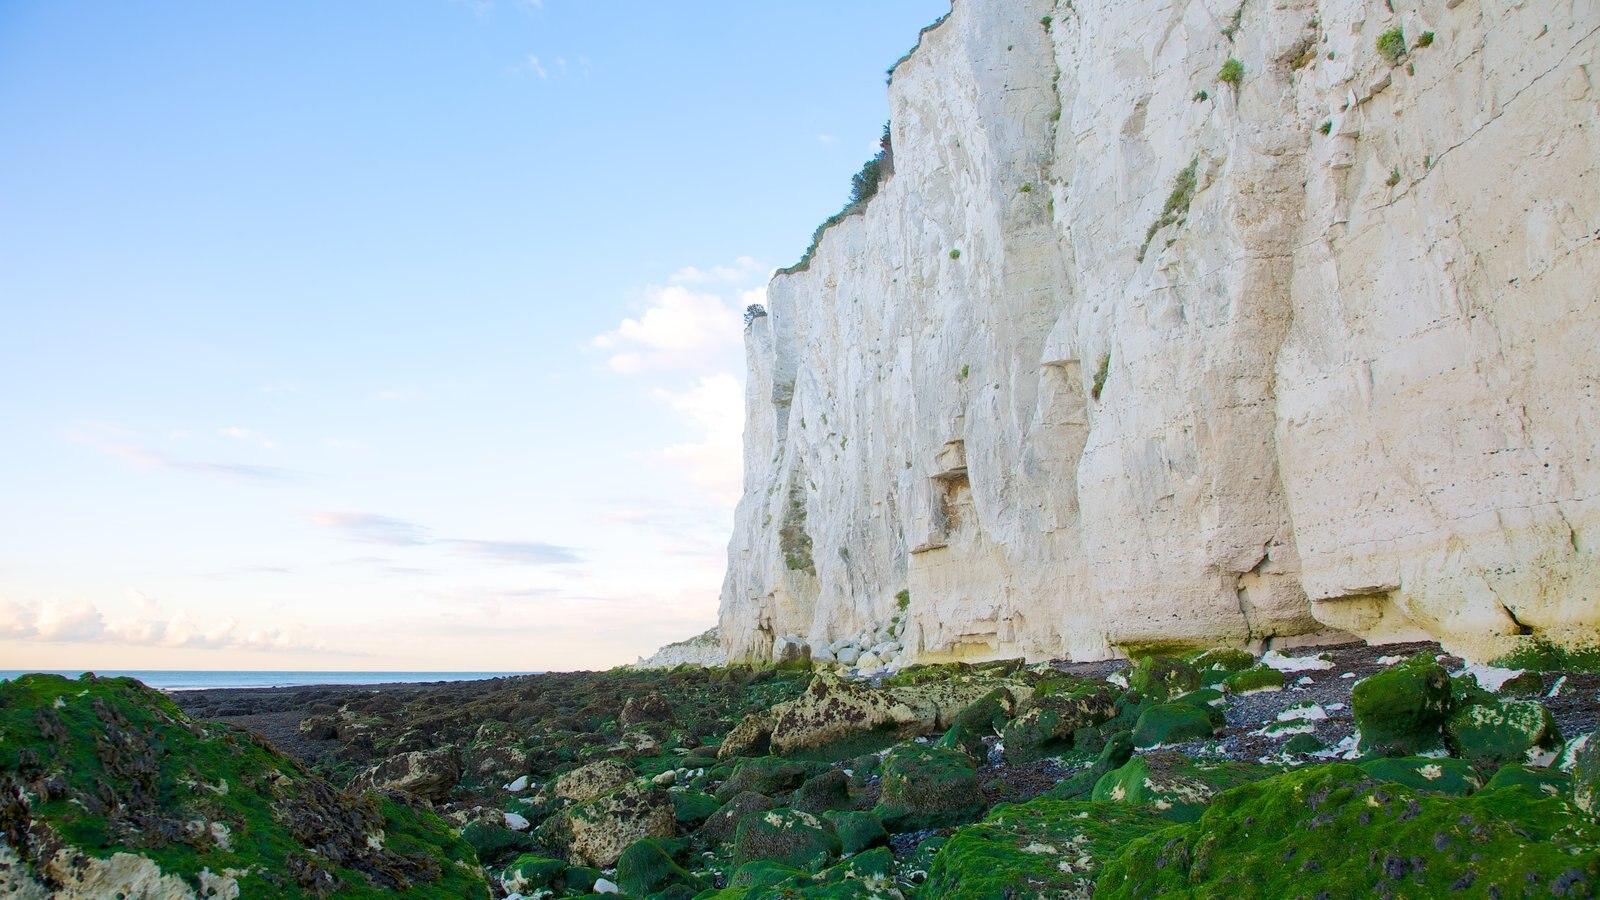 Acantilados Blancos de Dover mostrando montañas, costa escarpada y vistas de paisajes